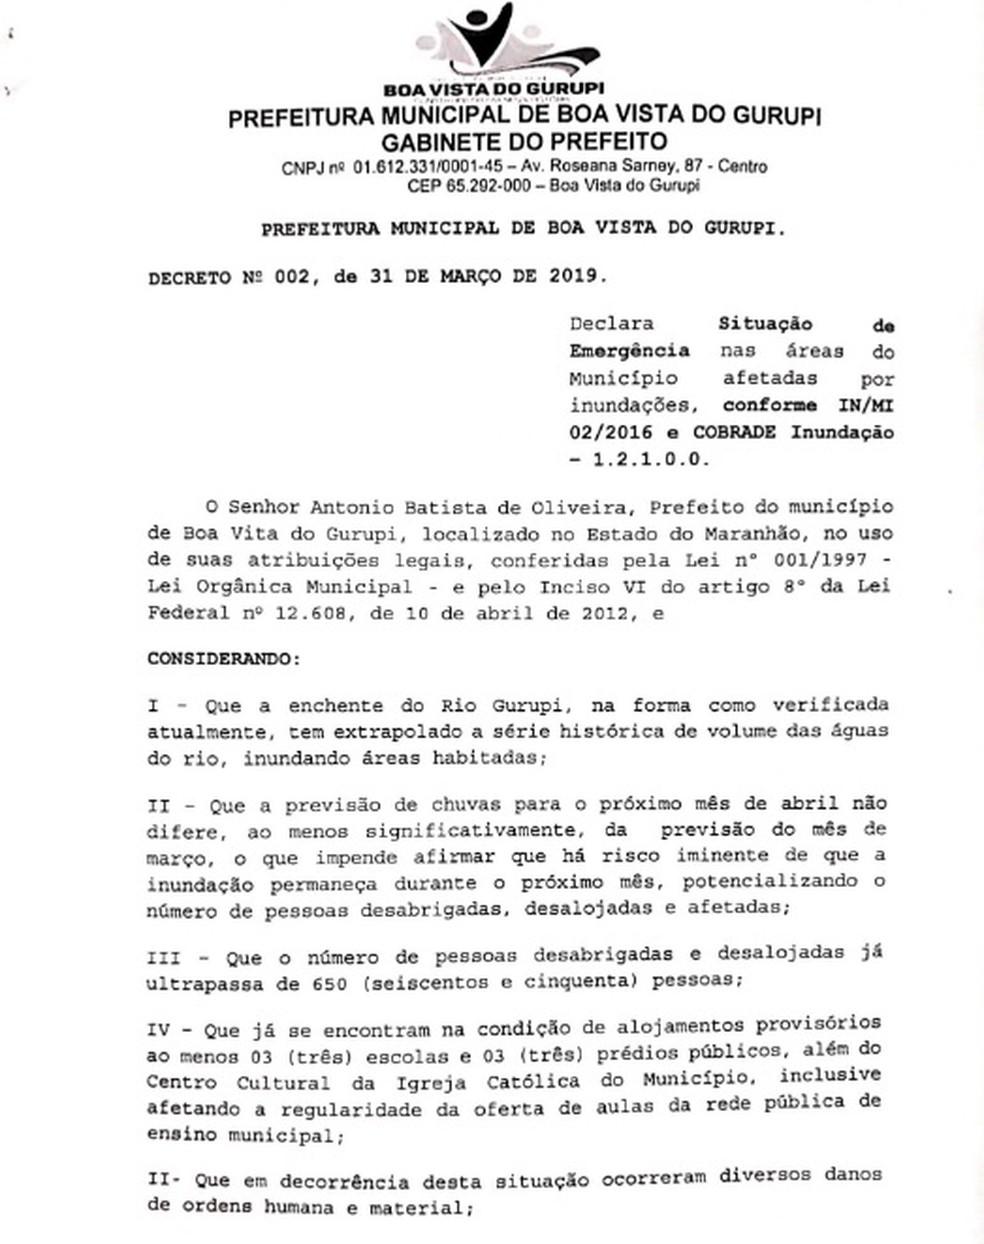 Município de Boa Vista do Gurupi decretou situação de emergência após fortes chuvas — Foto: Divulgação/Prefeitura de Boa Vista do Gurupi